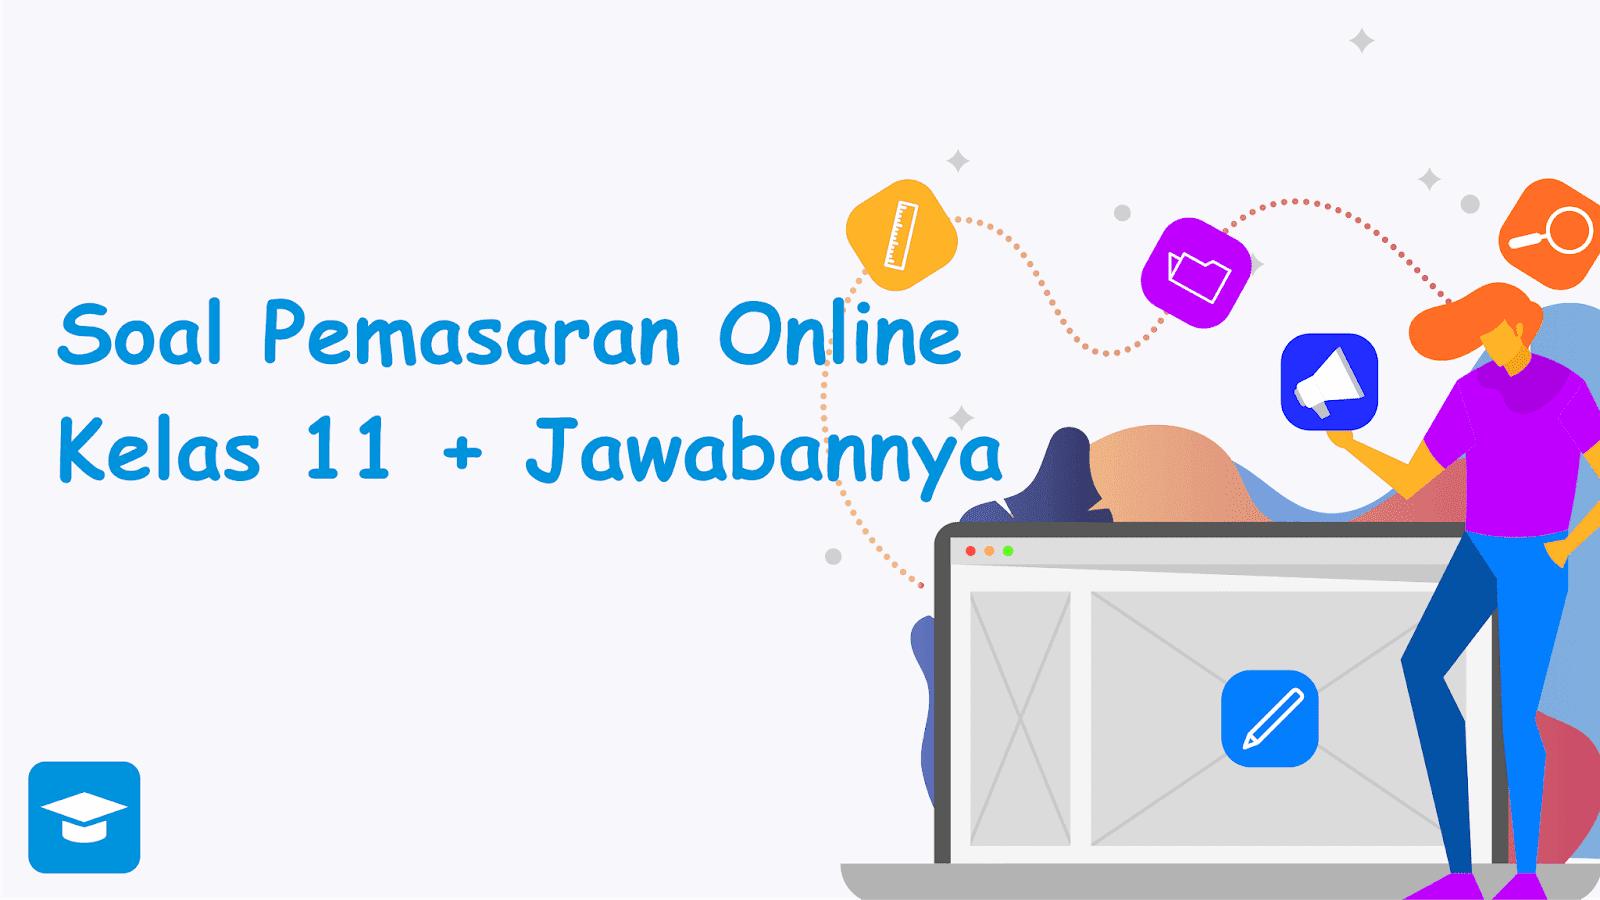 Soal pemasaran online dan jawabannya